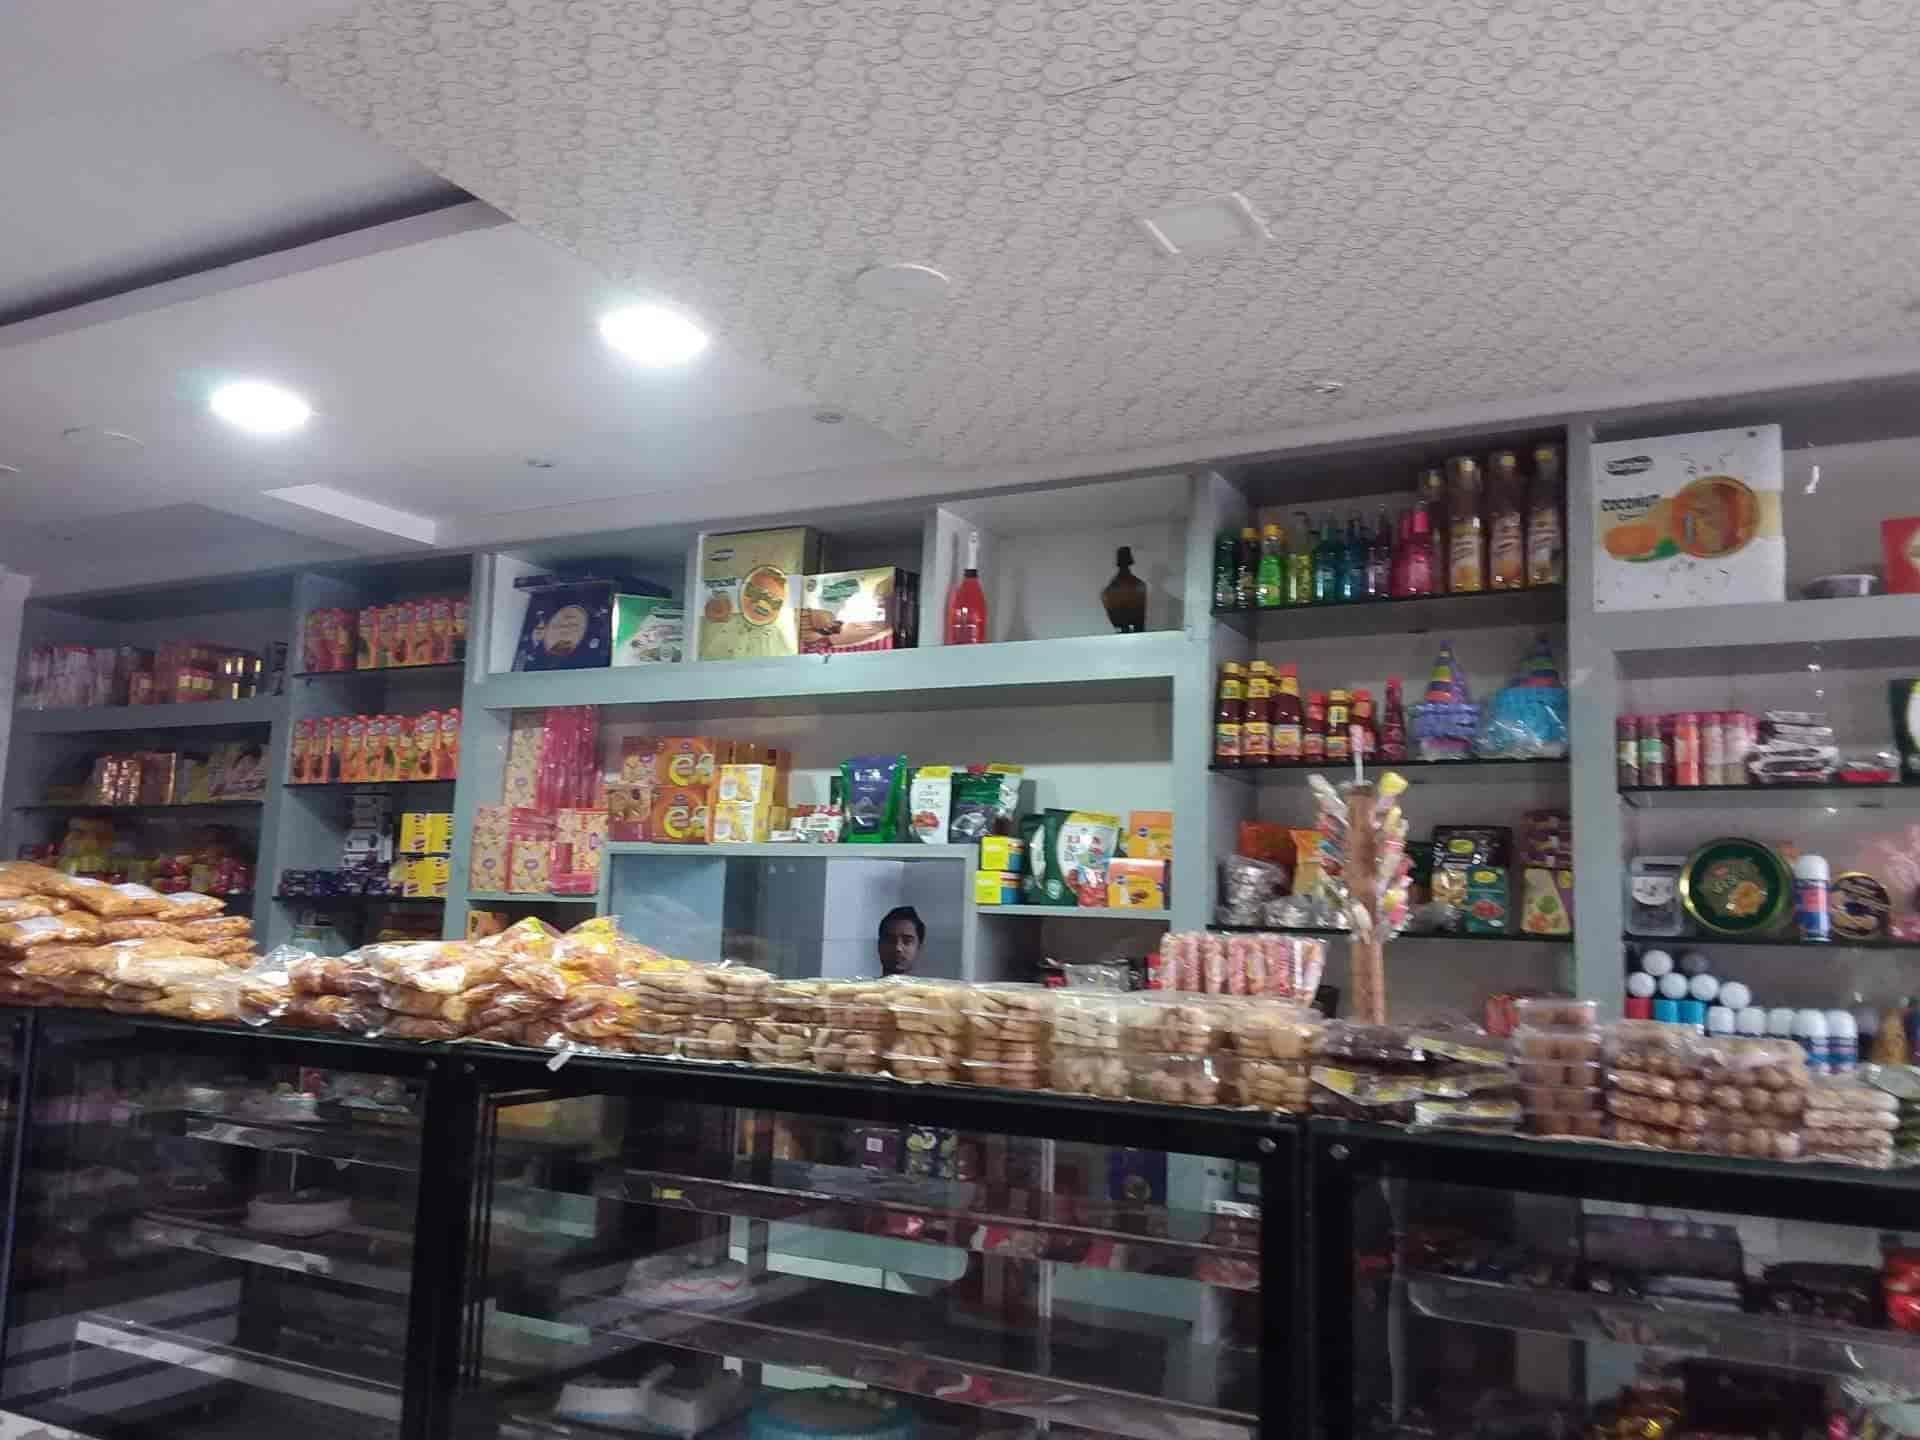 New Karachi Bakery, Karimnagar Ho, Karimnagar - Bakeries - Justdial